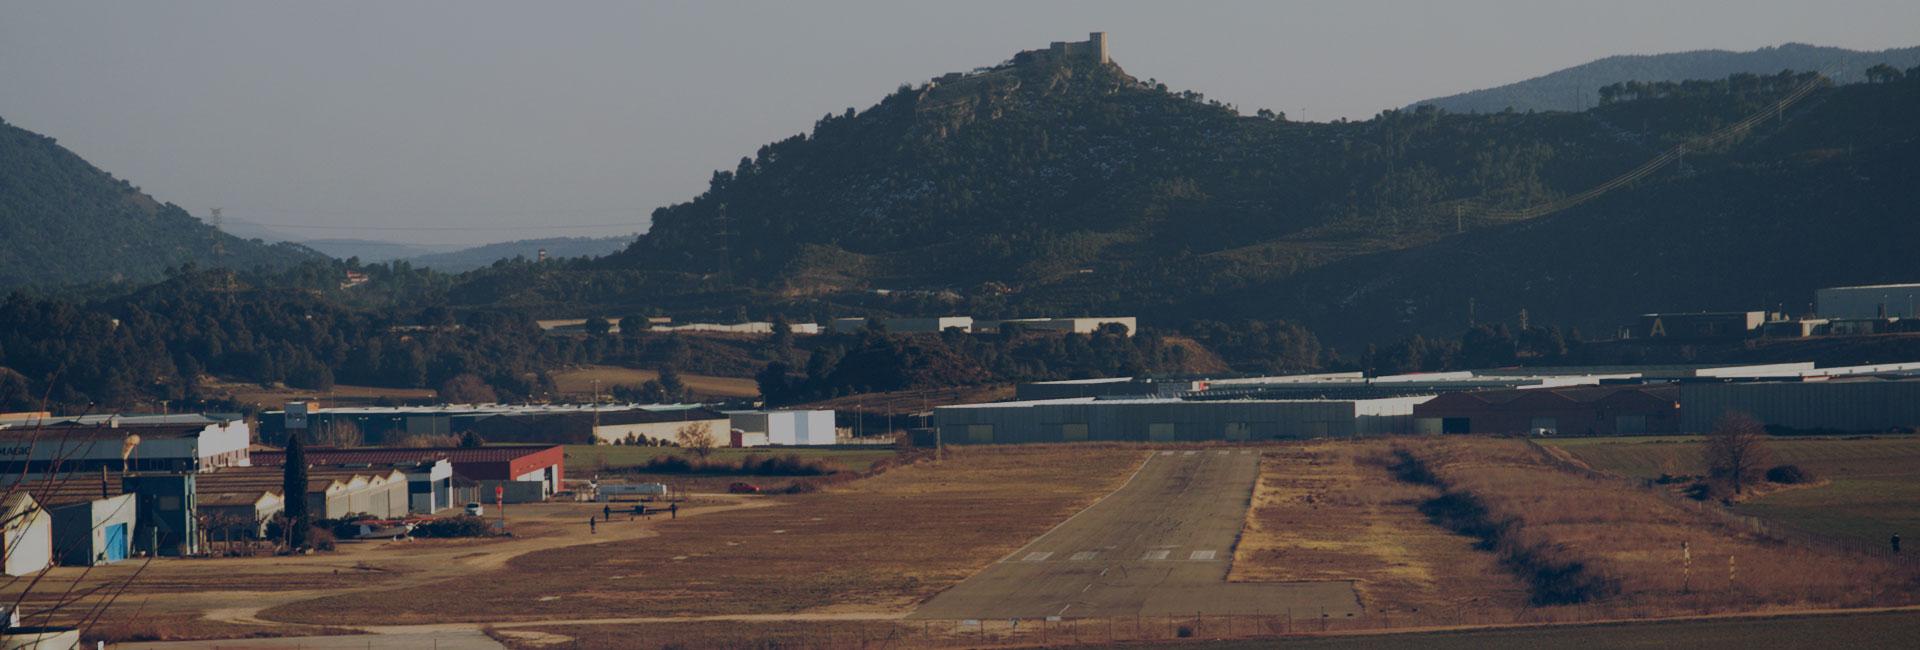 Tancament de l'aeròdrom d'Igualada-Òdena